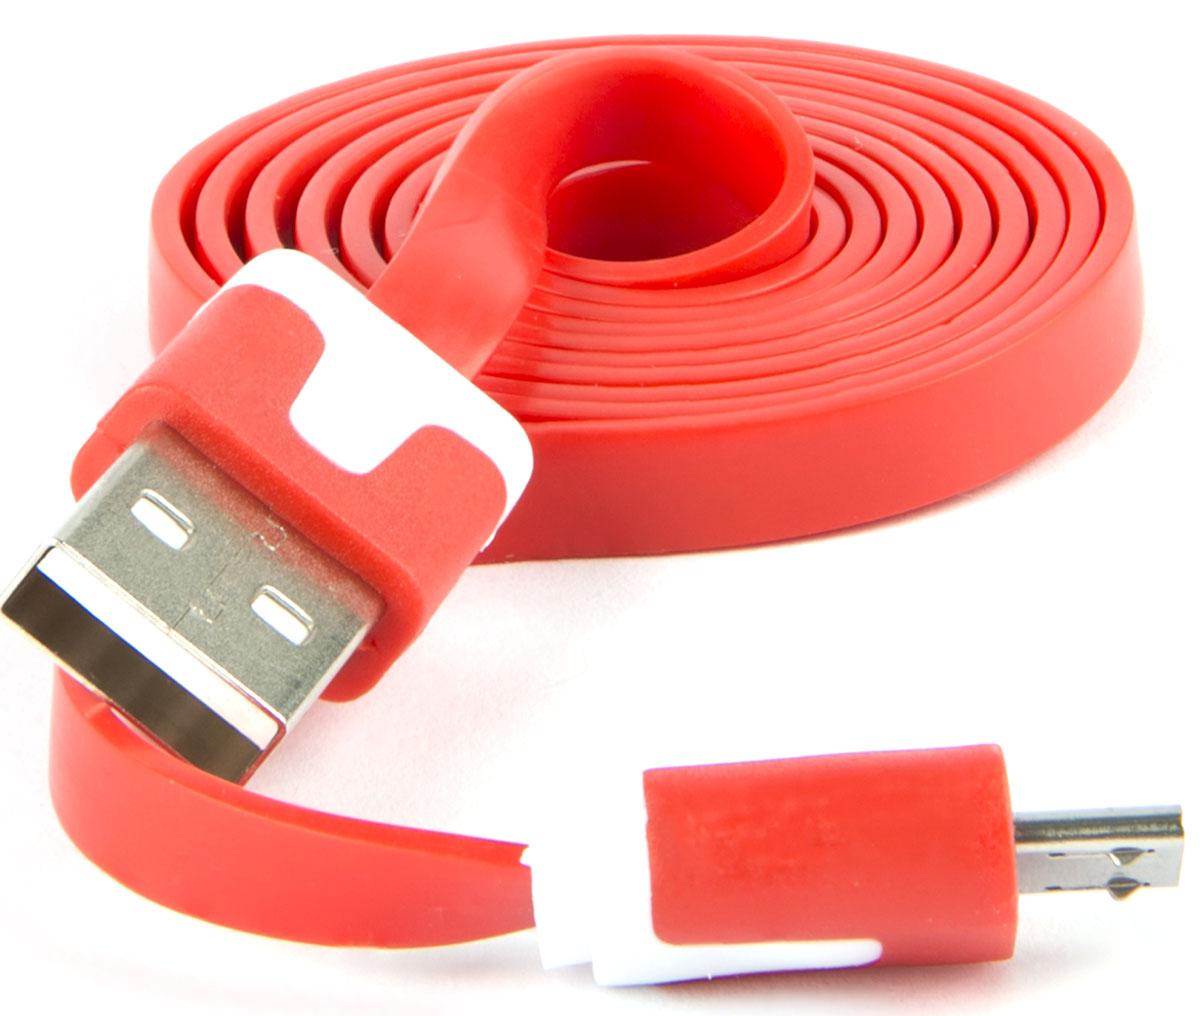 Red Line, Red кабель USB-microUSB (1 м)УТ000010322Кабель Red Line предназначен для передачи данных между персональными компьютерами и смартфонами, планшетами, MP3-плеерами и прочими устройствами с портом microUSB. Кроме того, его можно подключить к адаптеру питания USB, чтобы зарядить устройство от розетки.